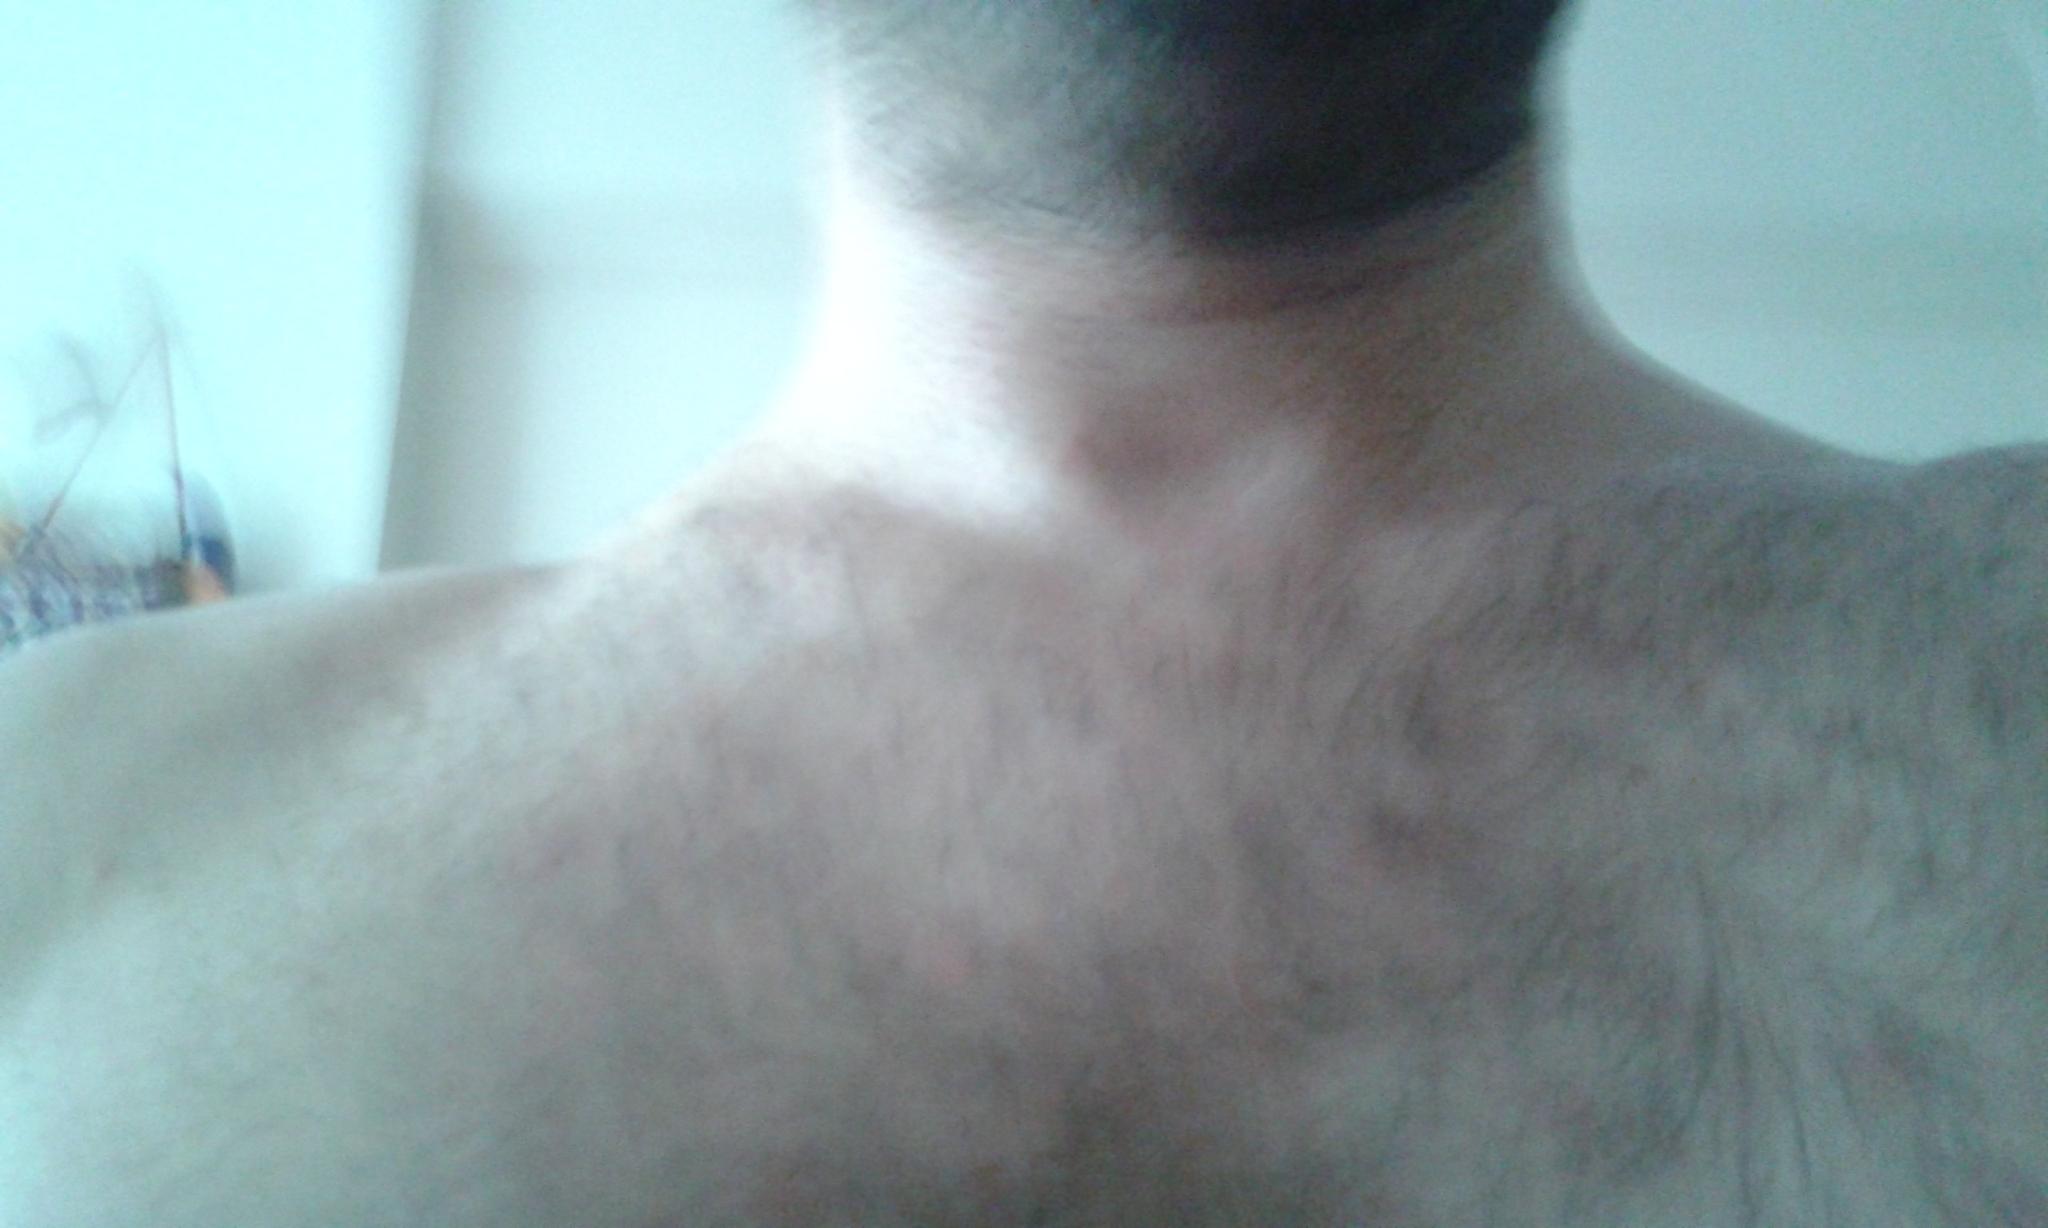 Göğüs üzerindeki kırmızı lekeler: nedenler ve tedavi